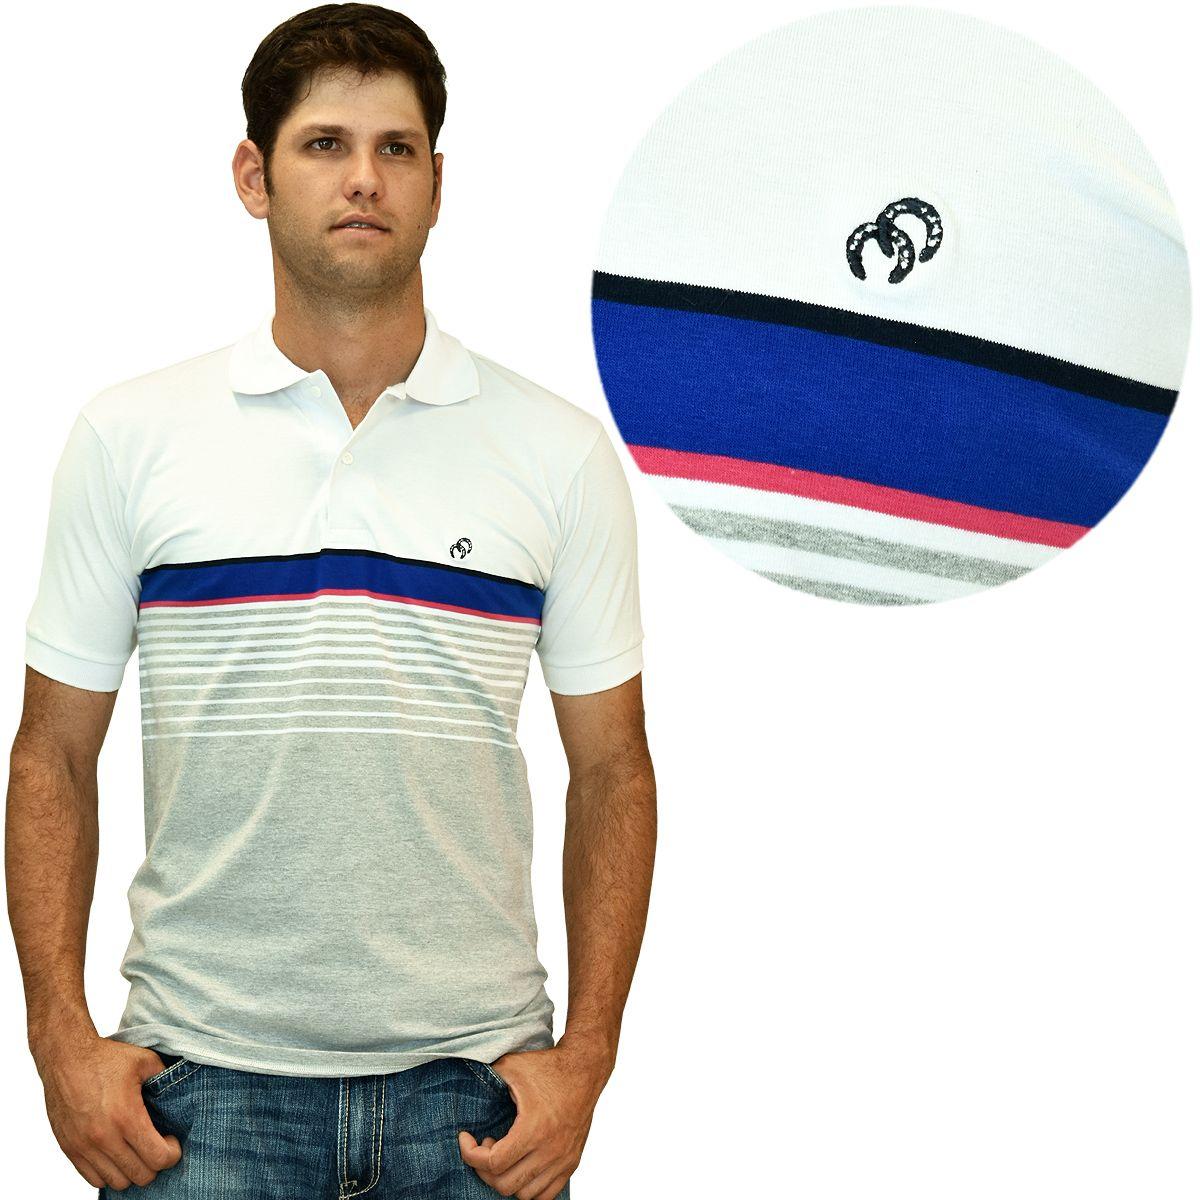 Camiseta Gola Pólo Masculina Cowboys Listrada Cinza E Branca Faixa Azul  Camiseta masculina gola pólo com 9733f98bc10e0